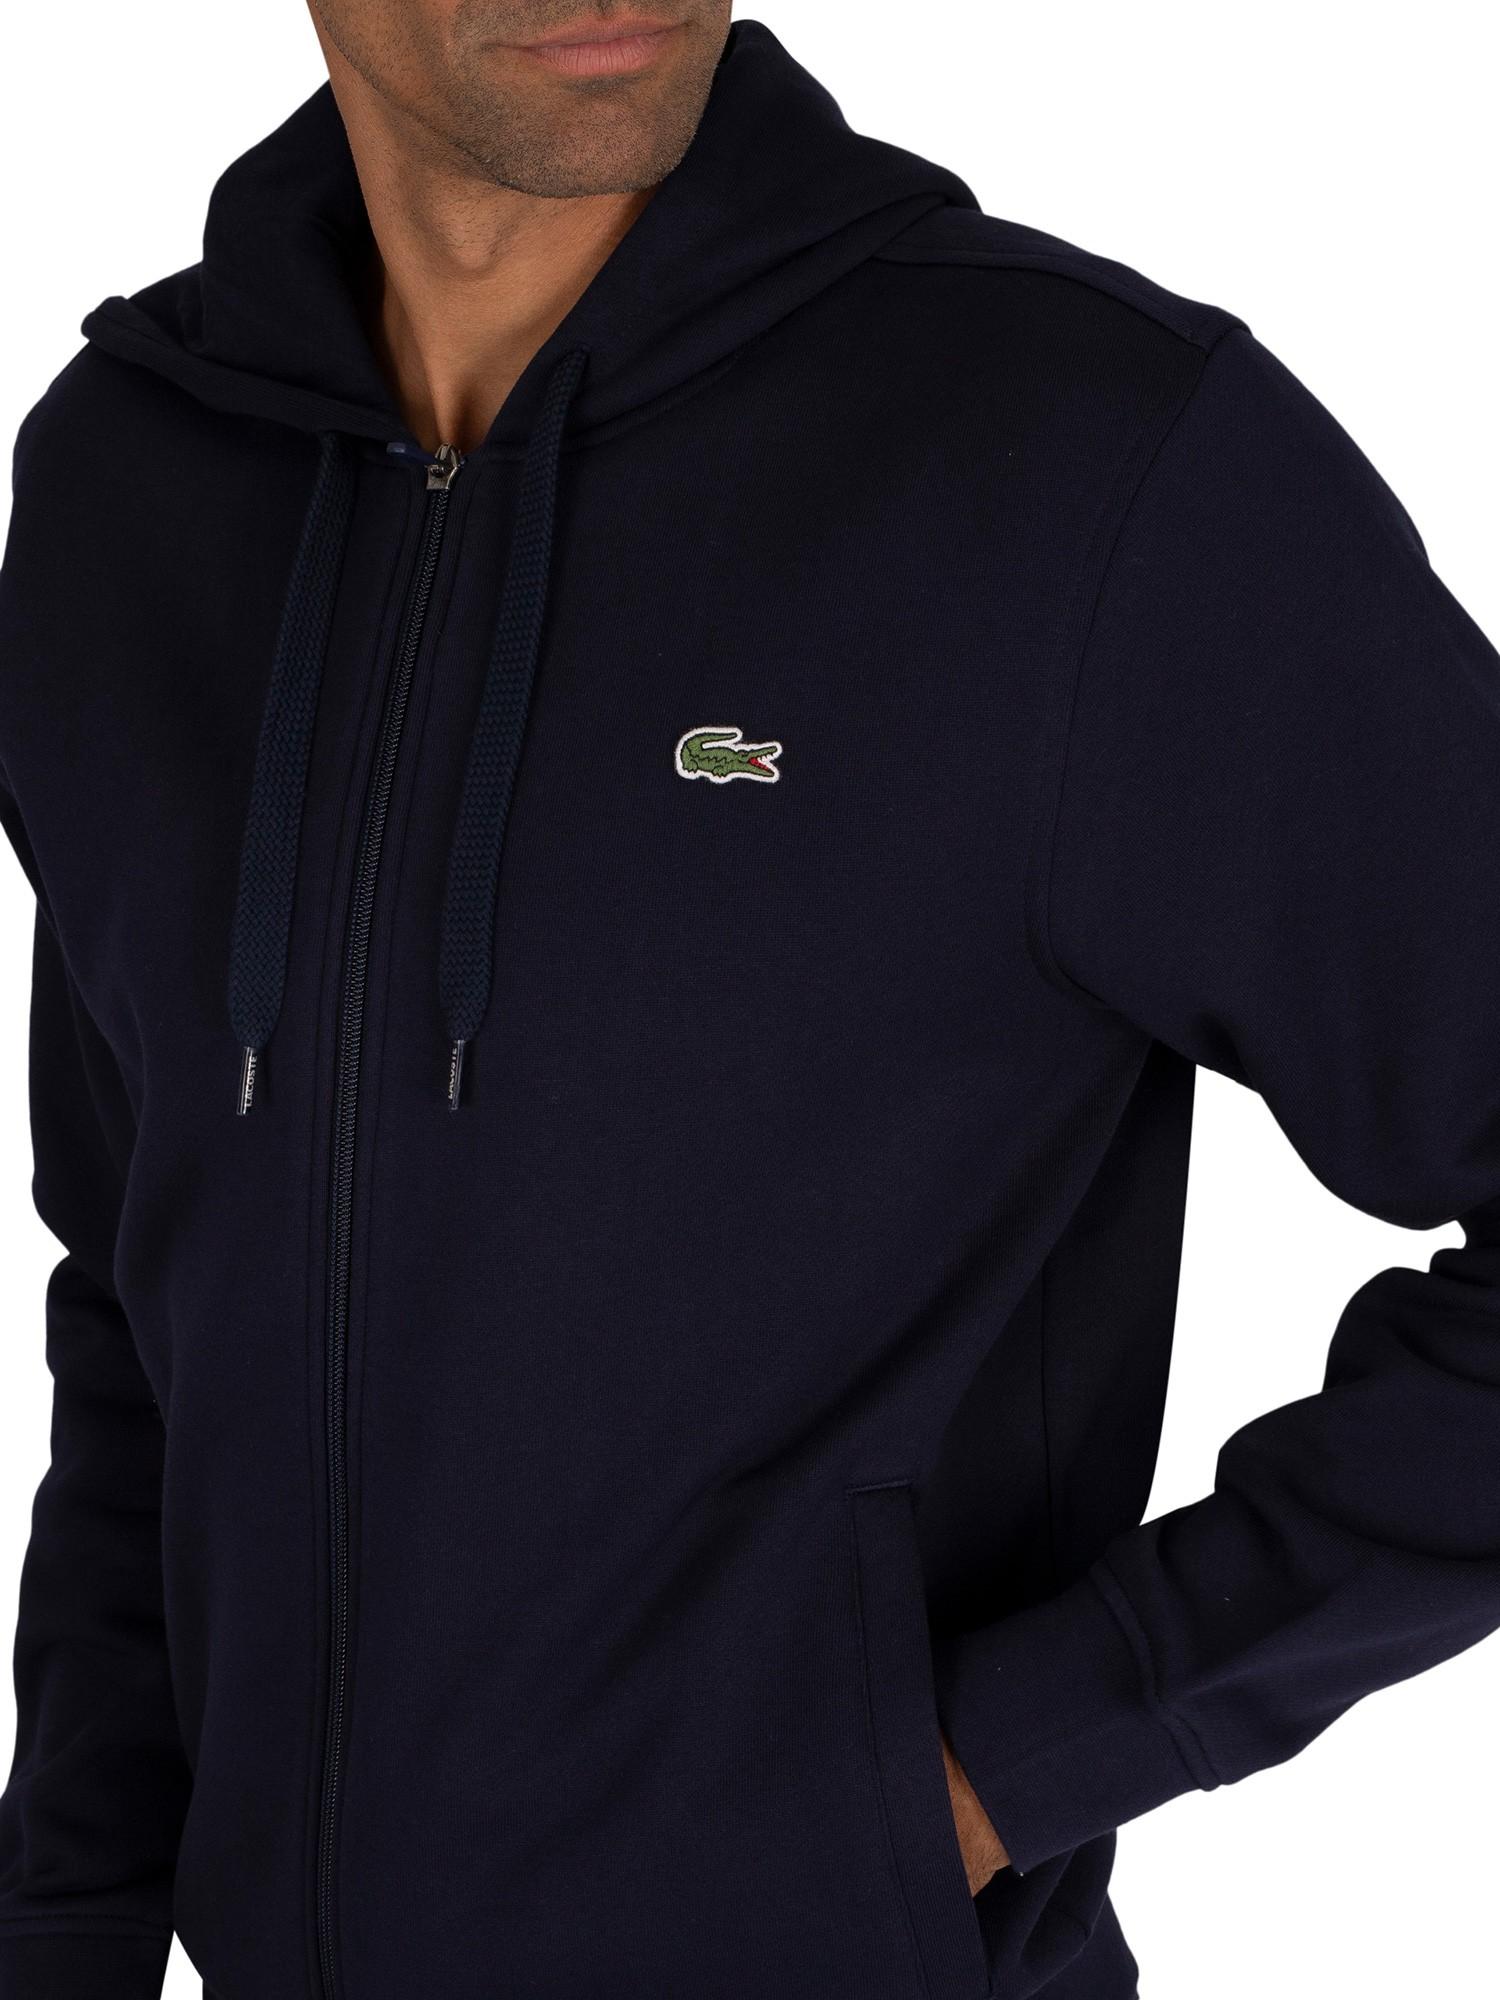 Lacoste Men/'s Sport Zip Hoodie in Navy SH1551-00//423